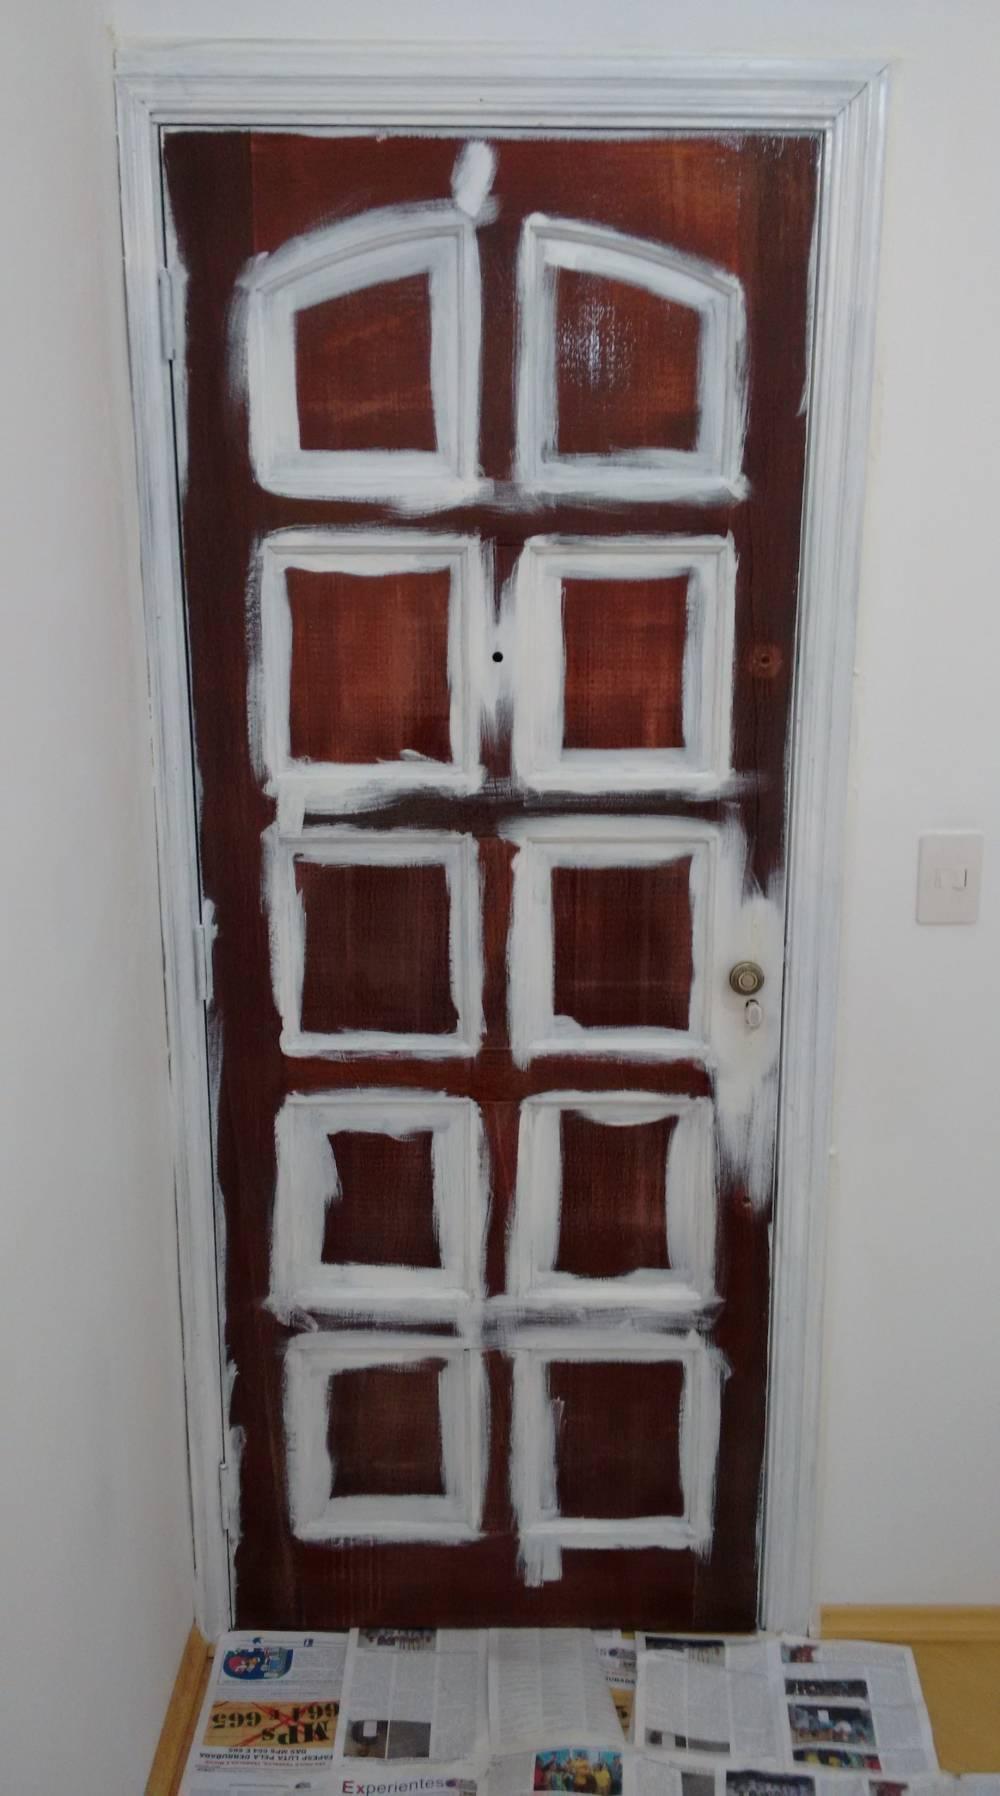 Reparos Residenciais em Higienópolis - Empresa de Reparos Residenciais